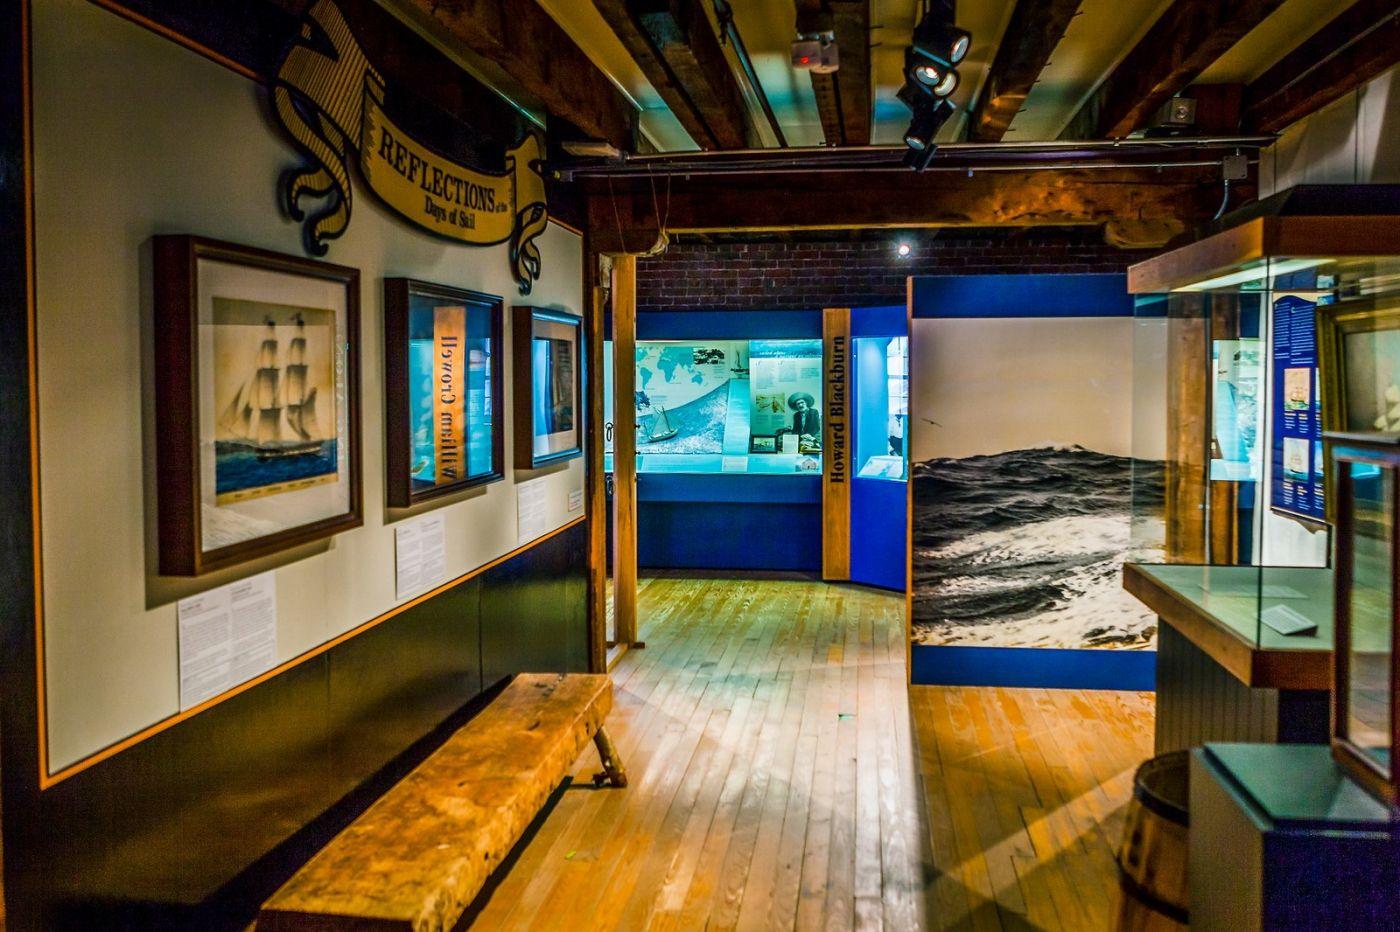 加拿大哈利法克斯(Halifax)大西洋海事博物馆_图1-12